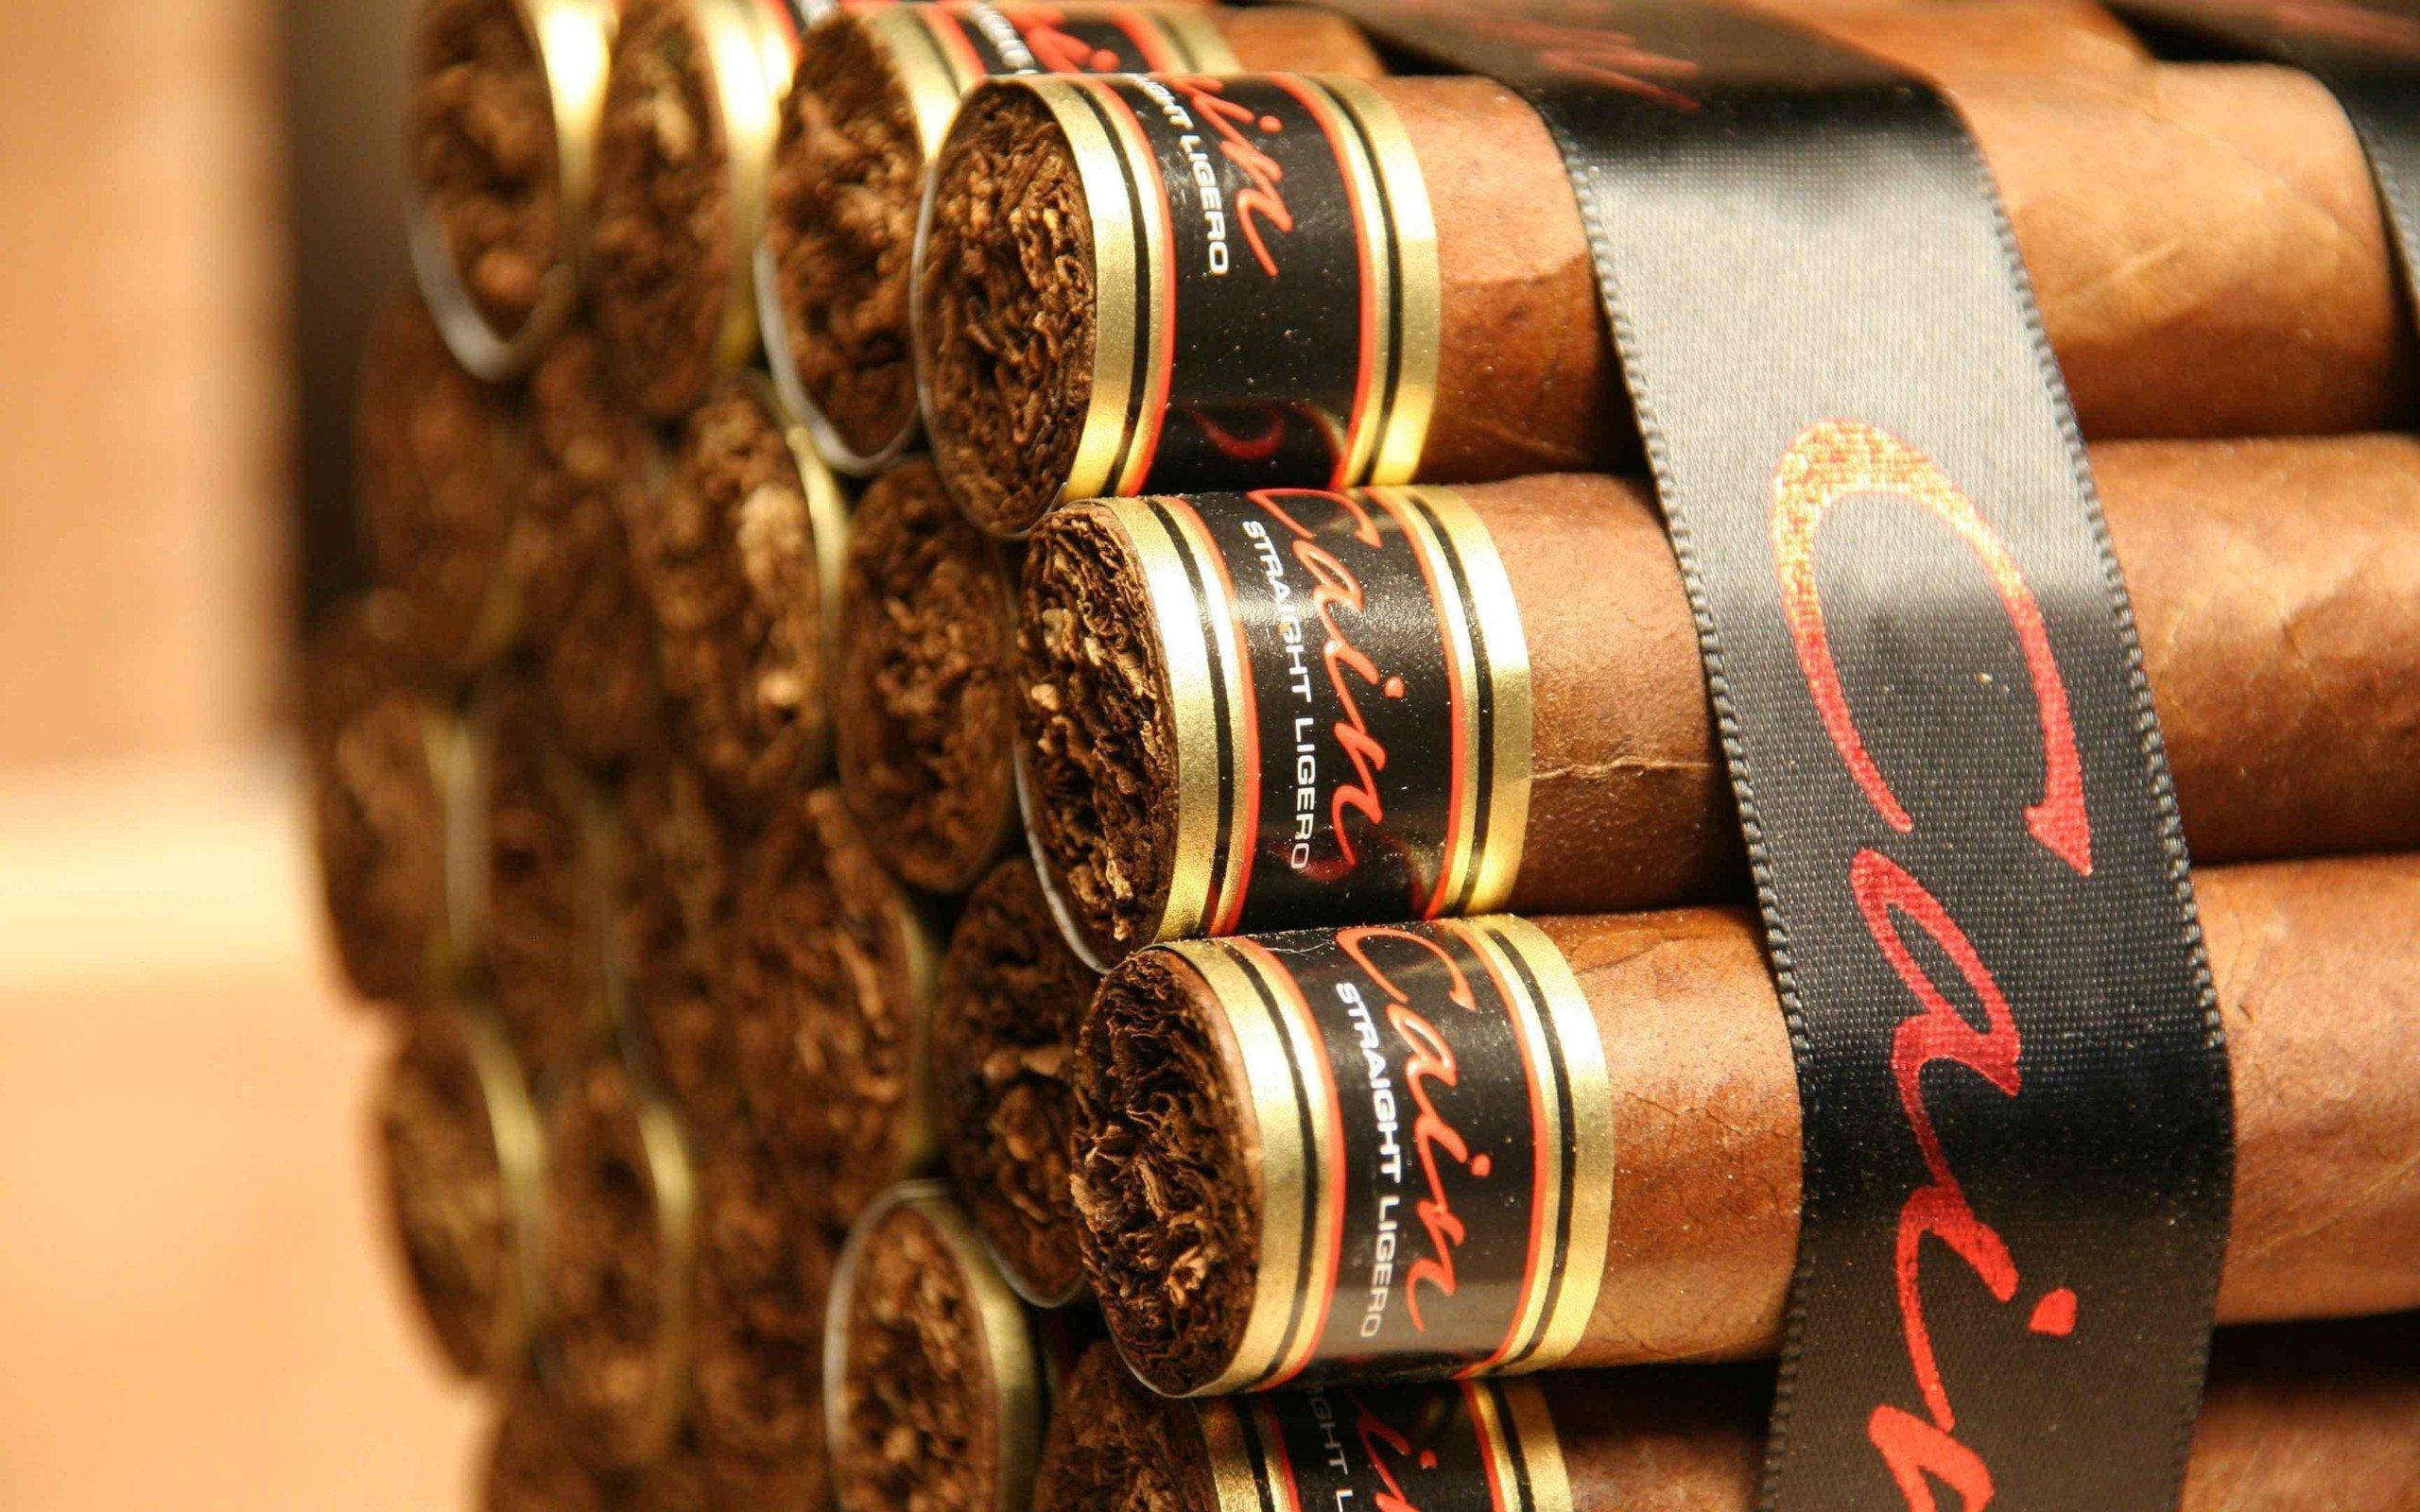 сигары картинки фото меняется рода